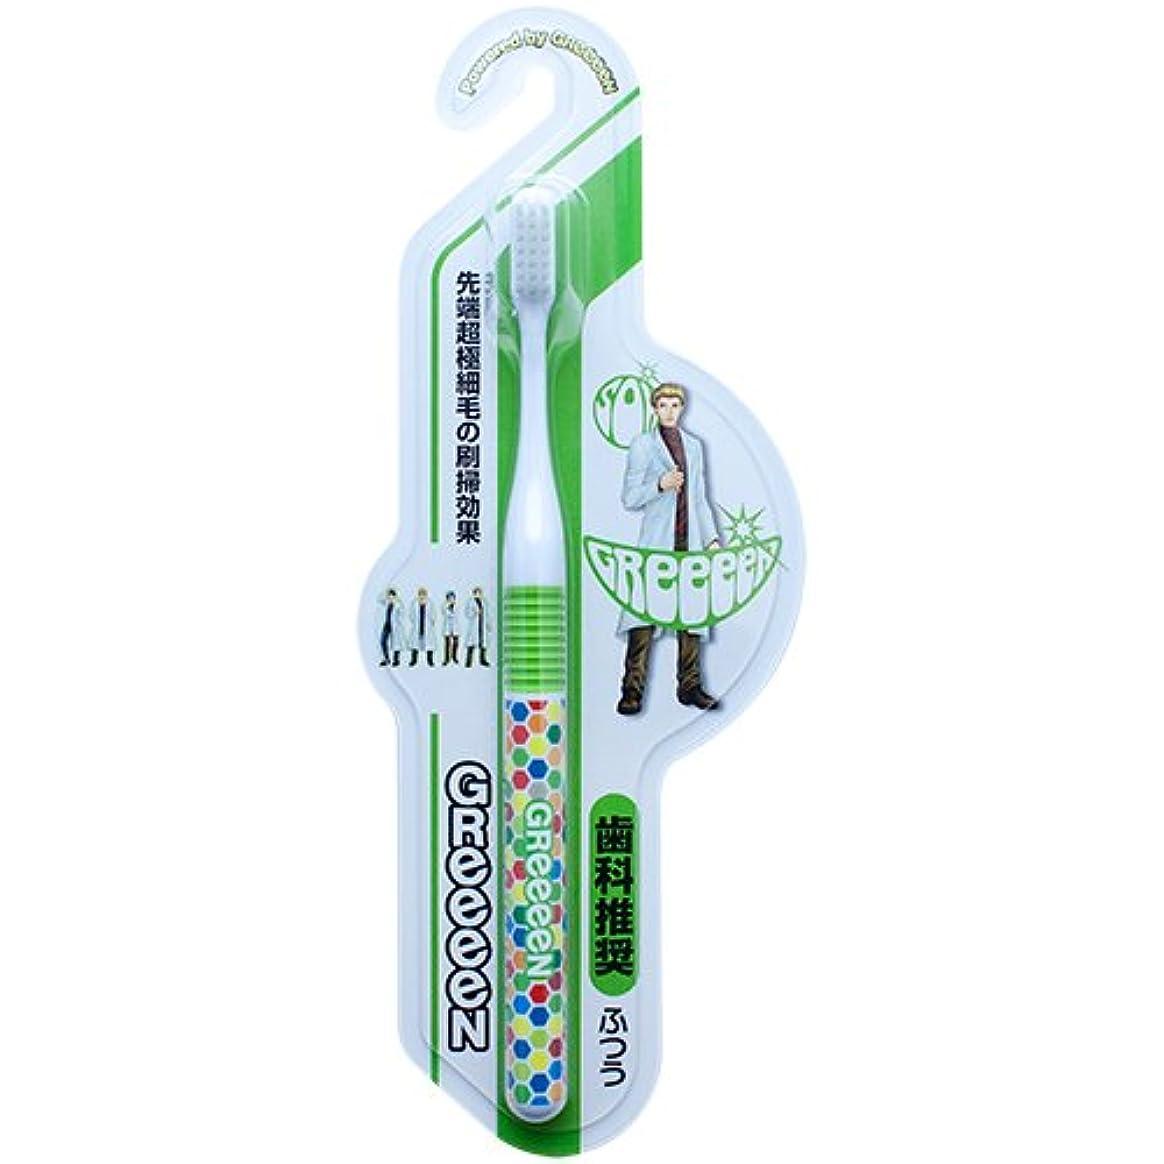 シャーロックホームズサスペンション生じるGReeeeN 3列ヘッドラバーグリップ超極細毛歯ブラシ SIRO SOH 1本